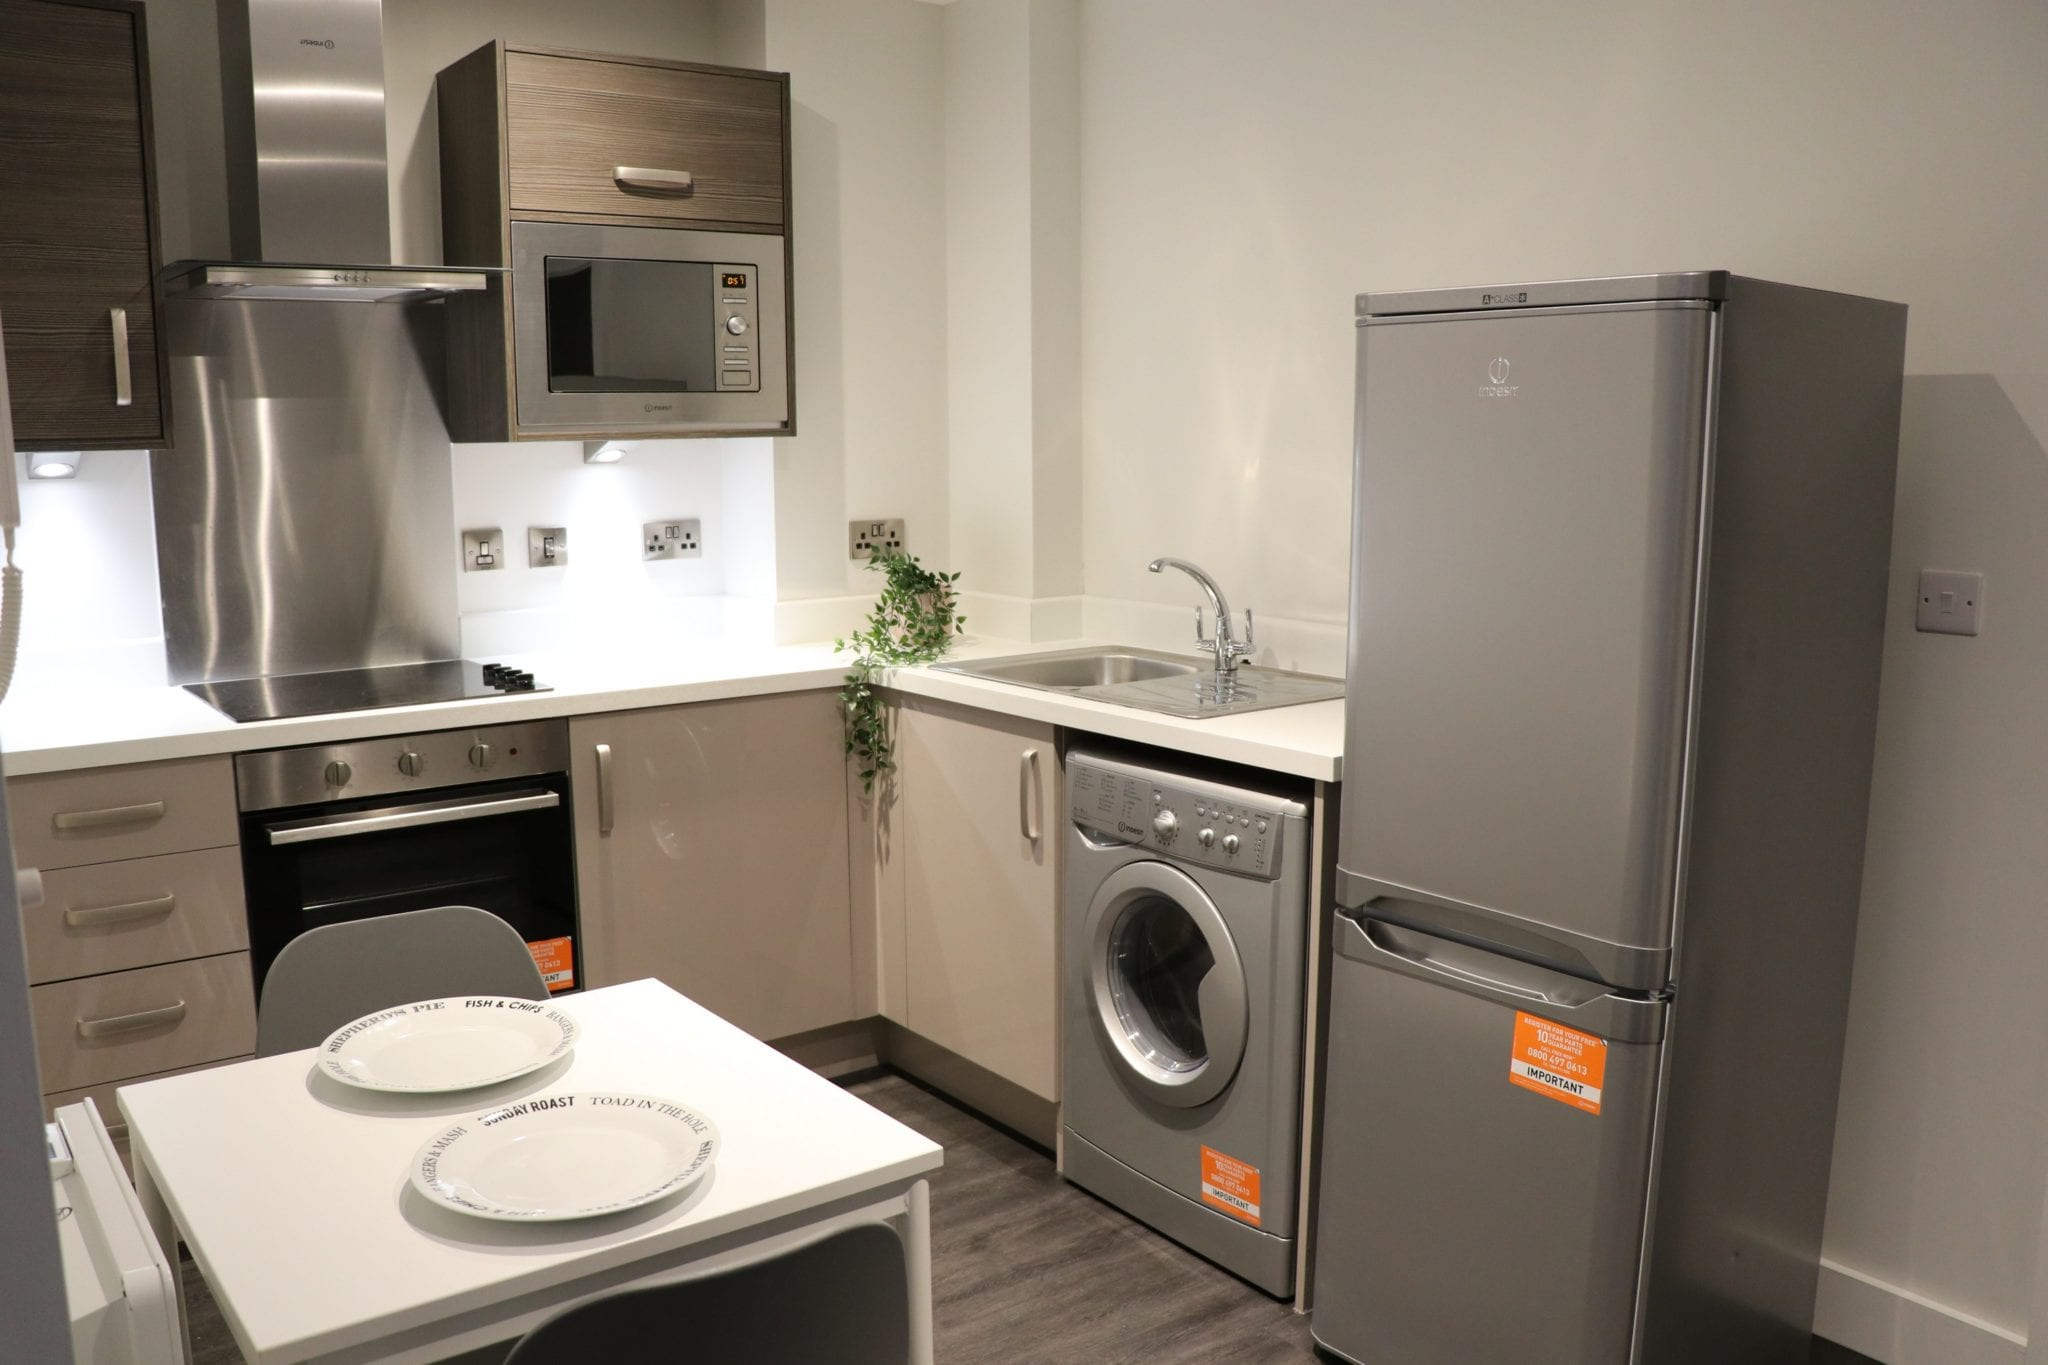 QEA - Studio kitchen